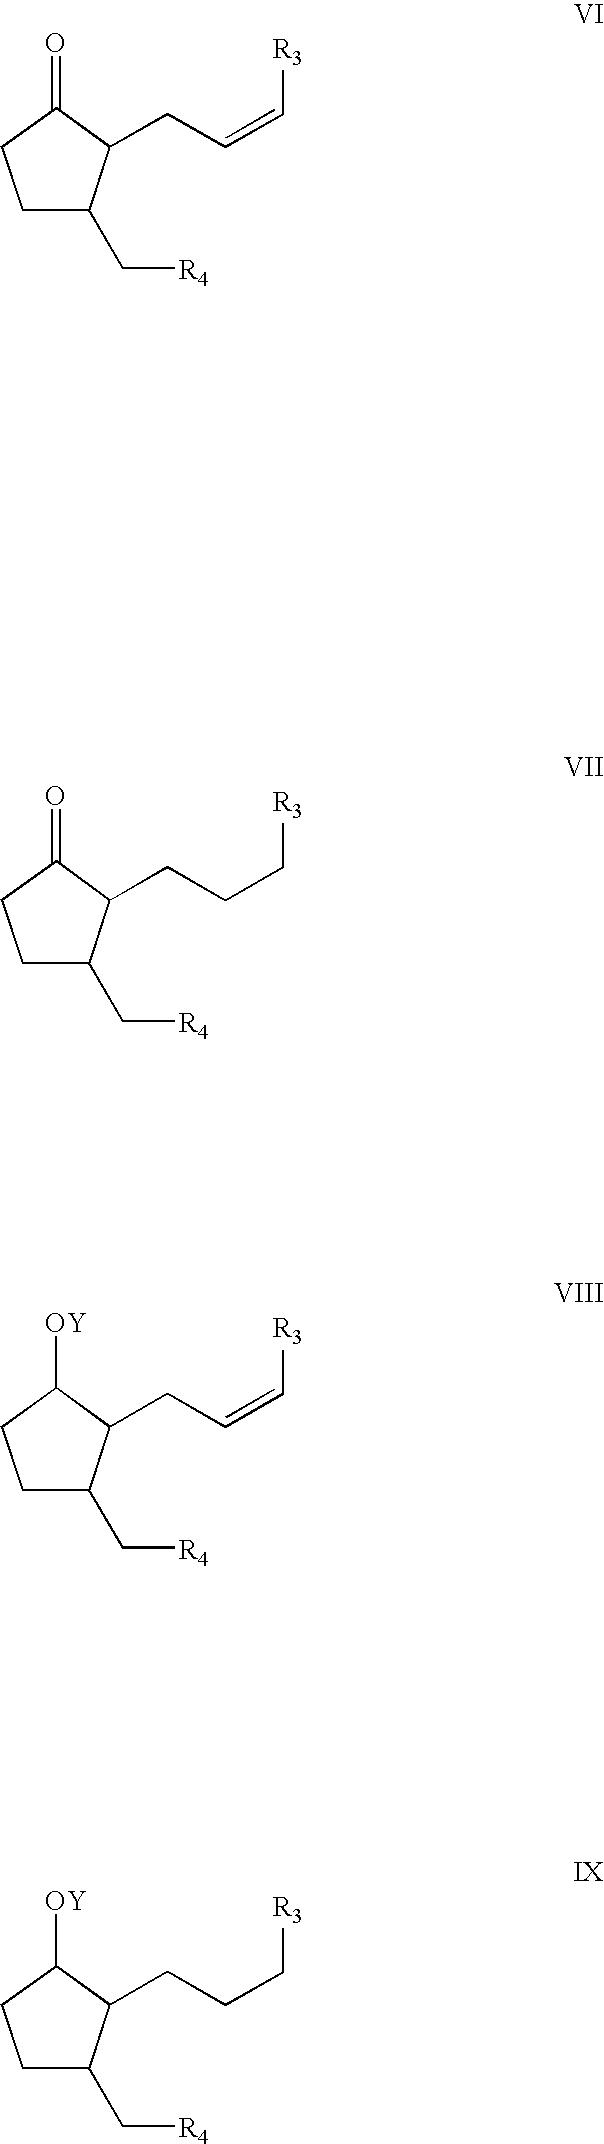 Figure US20040116356A1-20040617-C00018